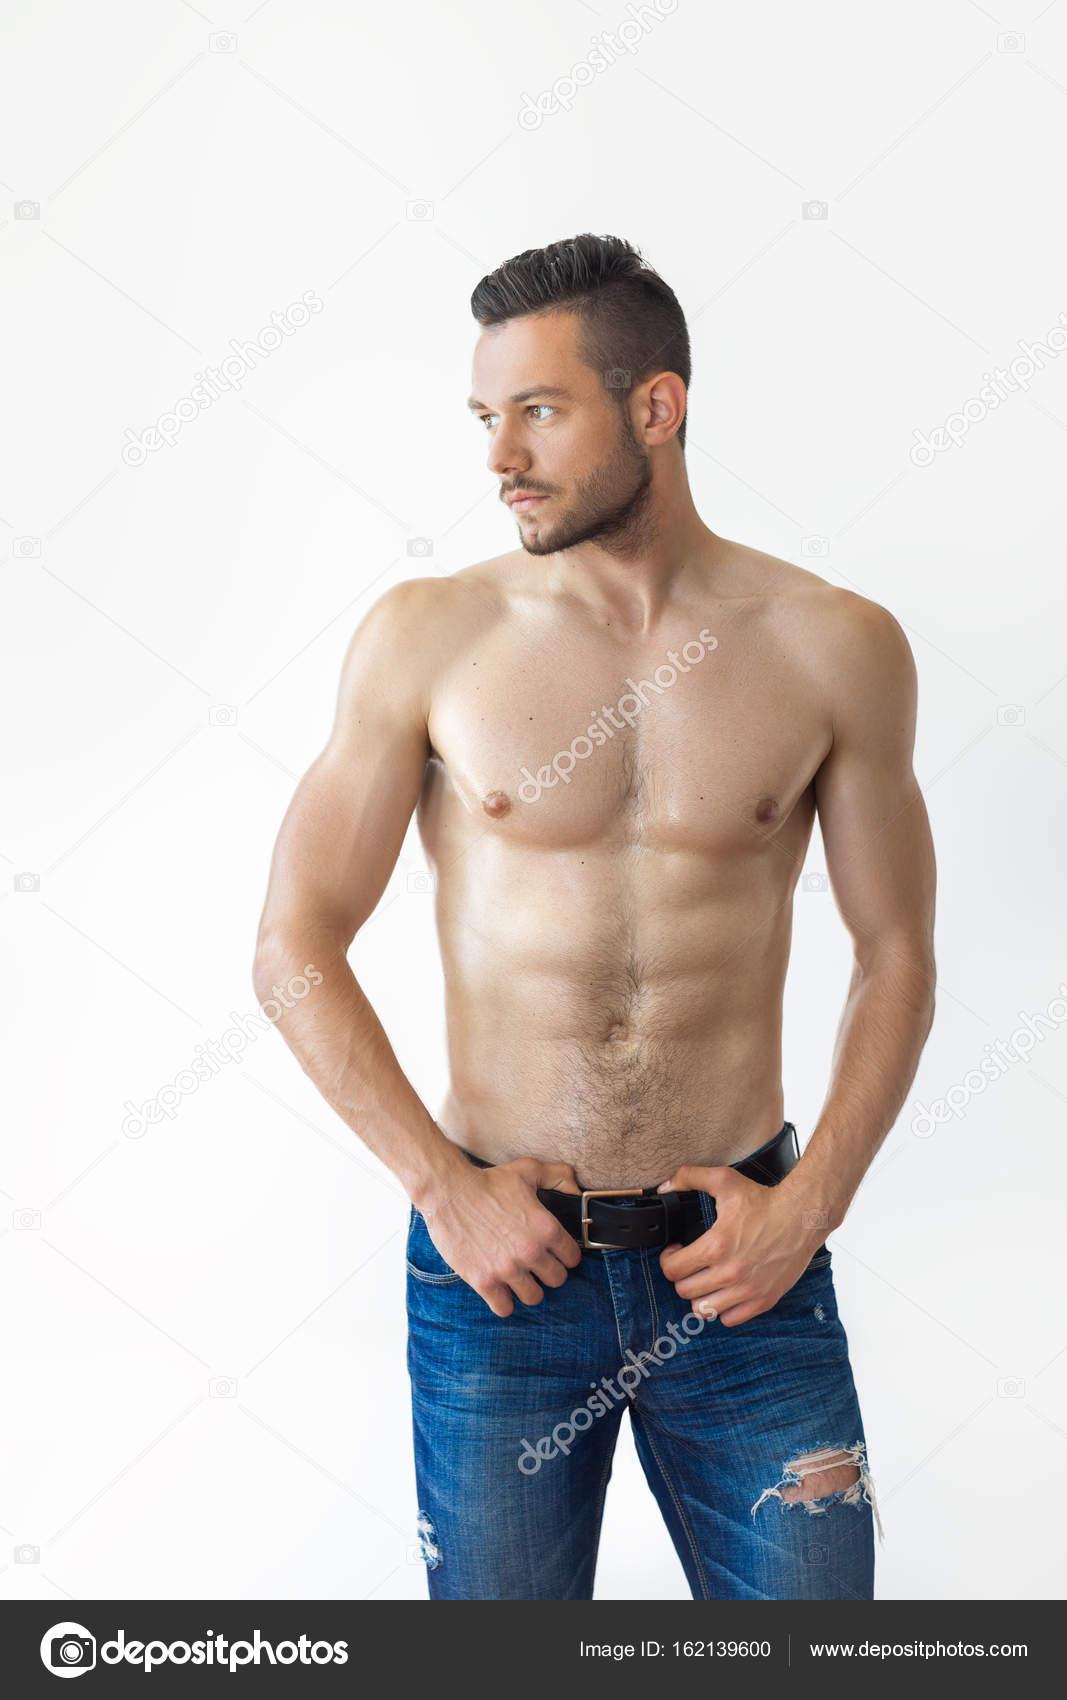 6e67fa26f393 Fotos: hombres sin camisa musculosos | hombre musculoso sin camisa ...